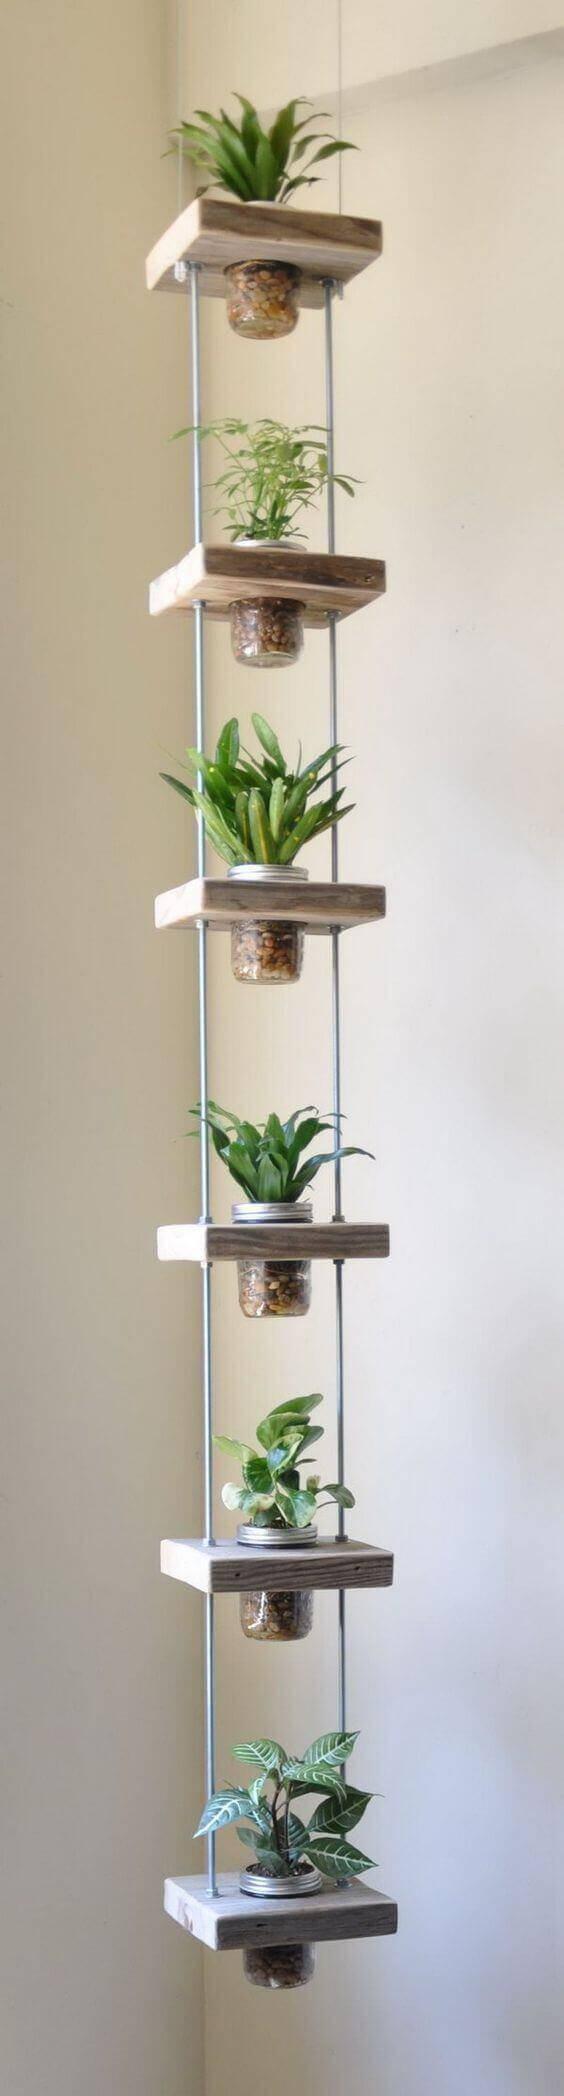 jardim suspenso pequeno com madeira e potes de vidro